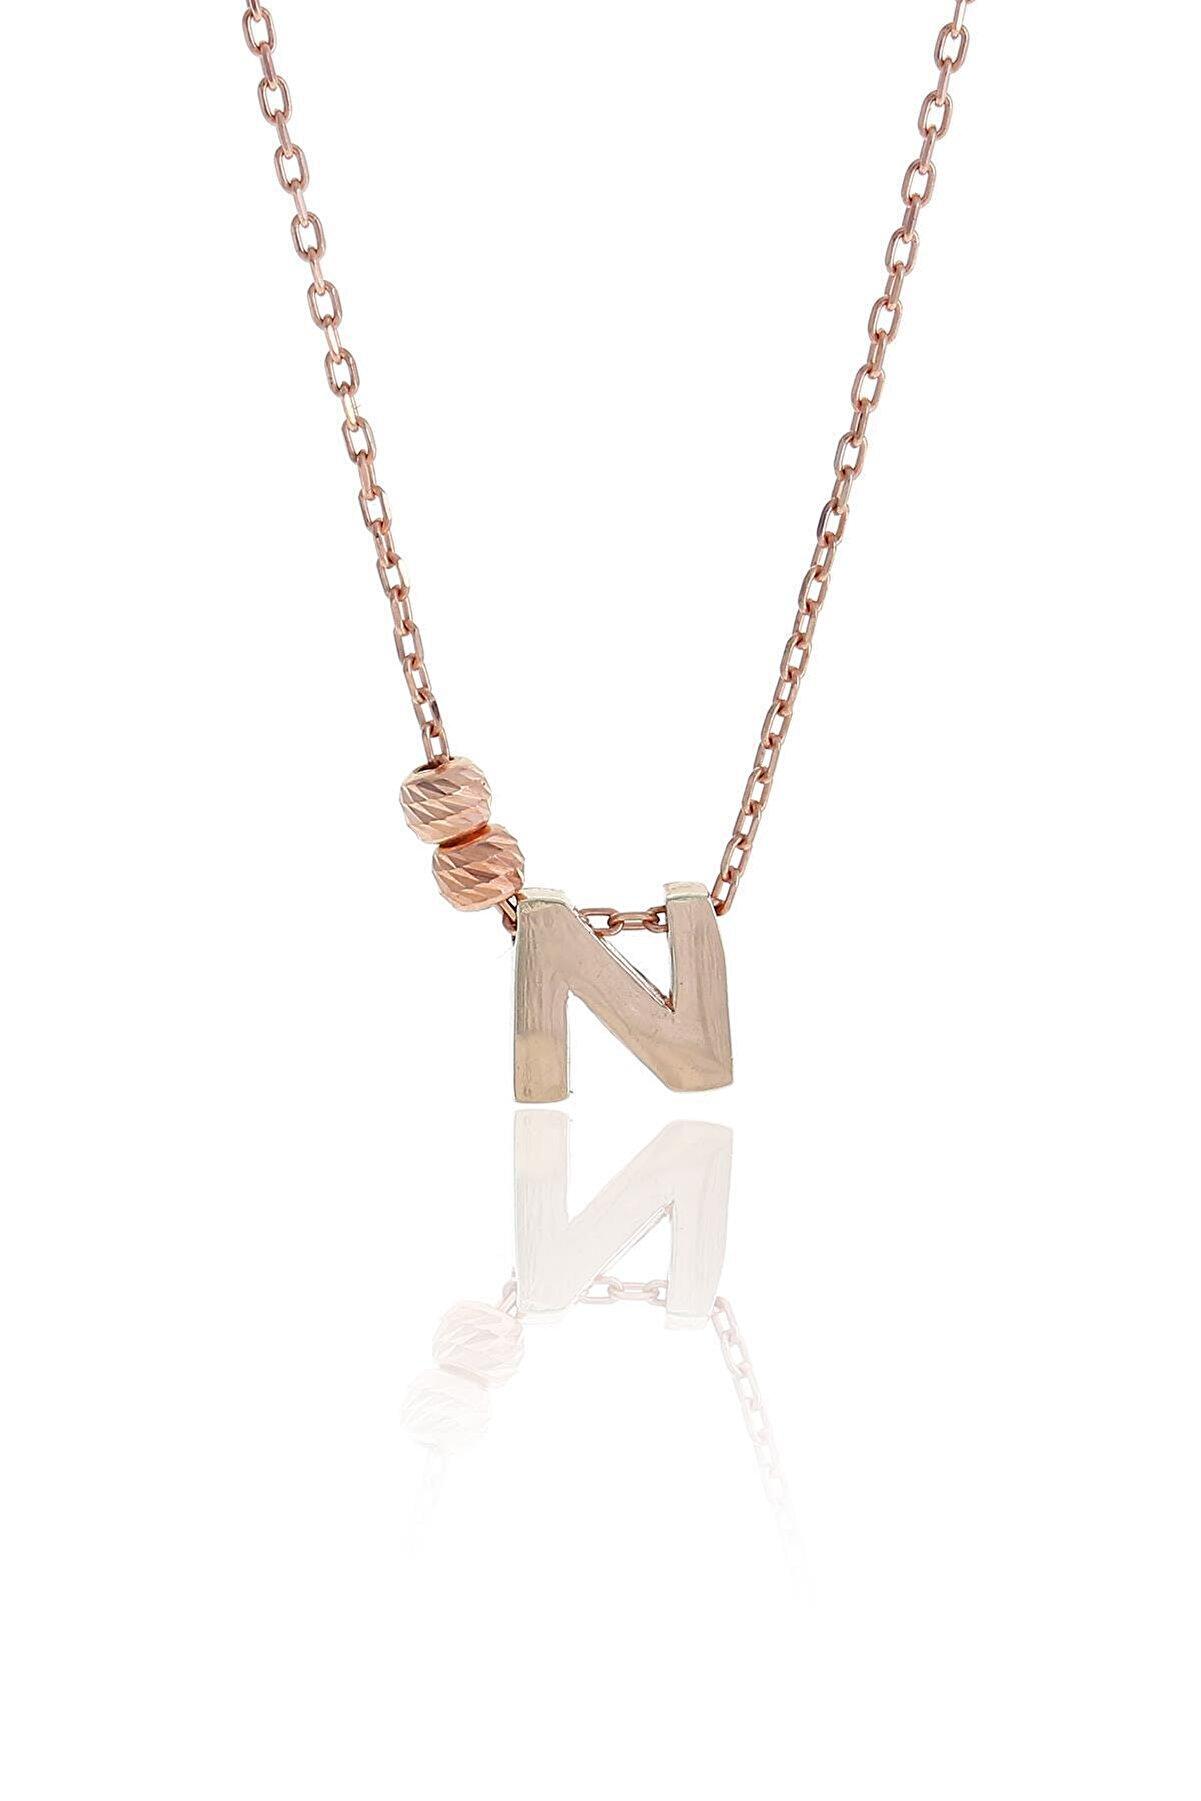 Sümer Telkari N Harfli Tasarım Rose Gümüş Kolye 3824